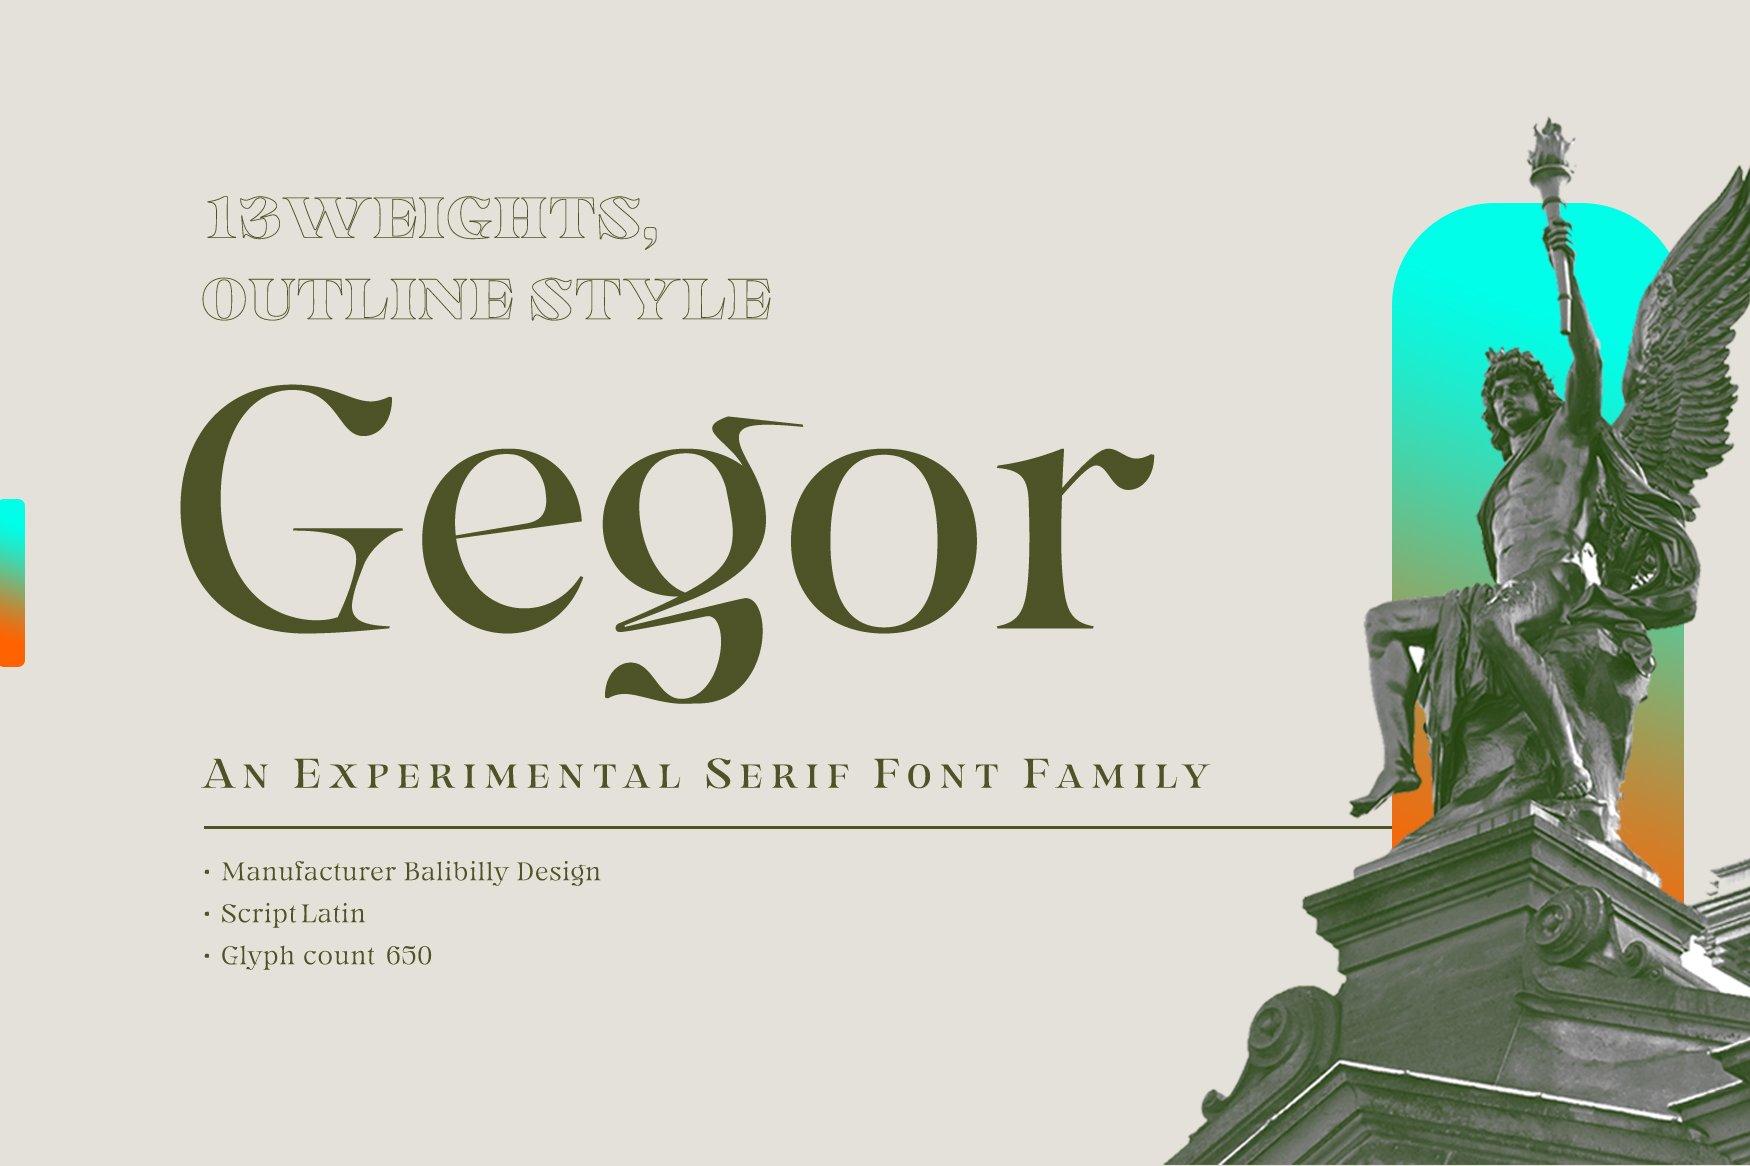 Gegor-Font